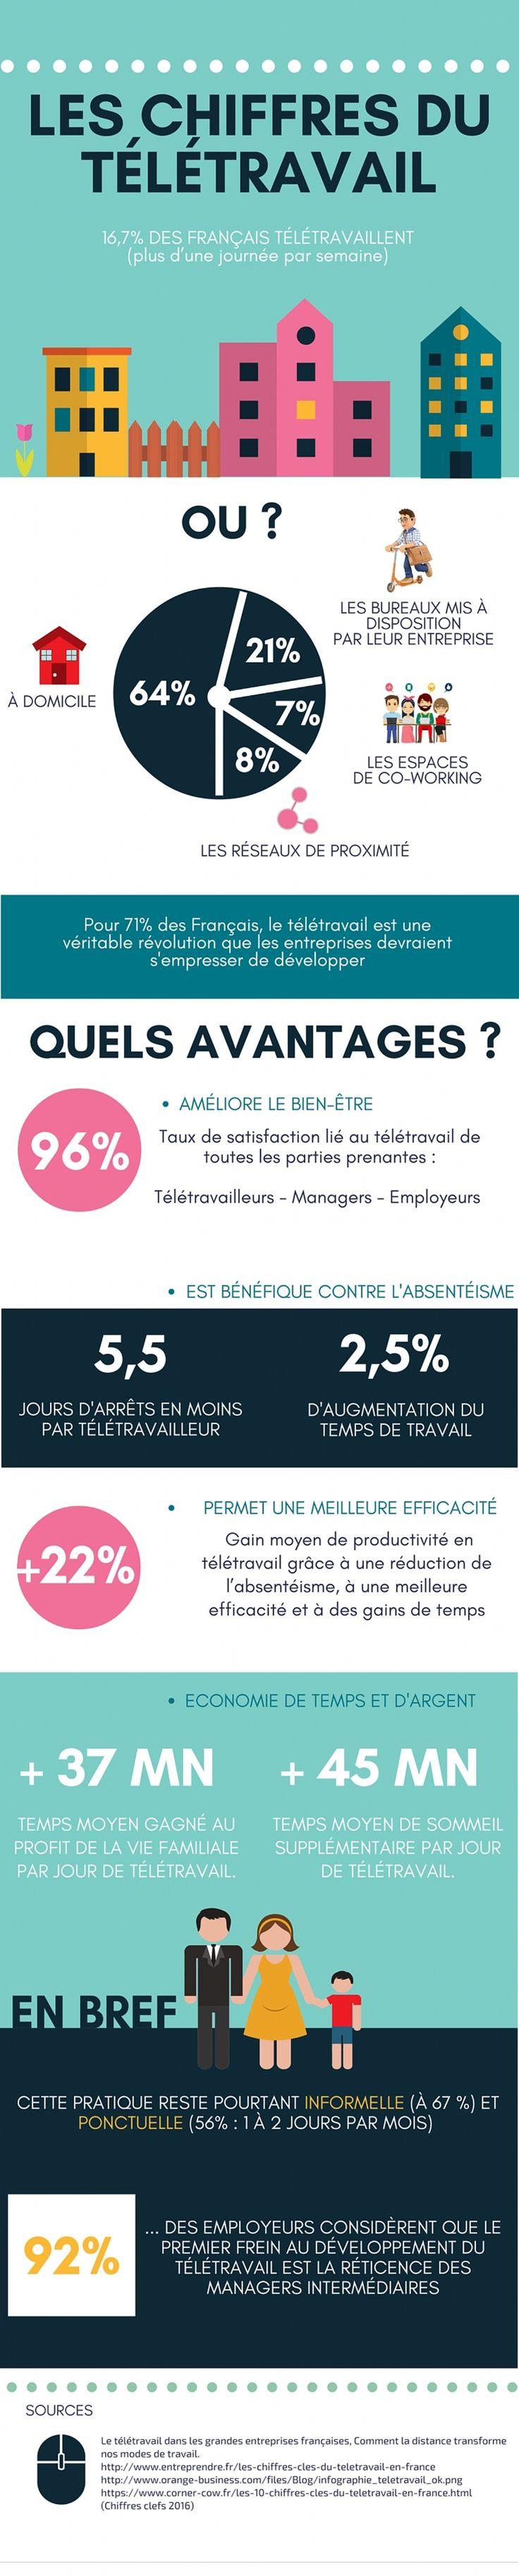 Télétravail : où en sont les entreprises françaises ? - Mode(s) d'Emploi